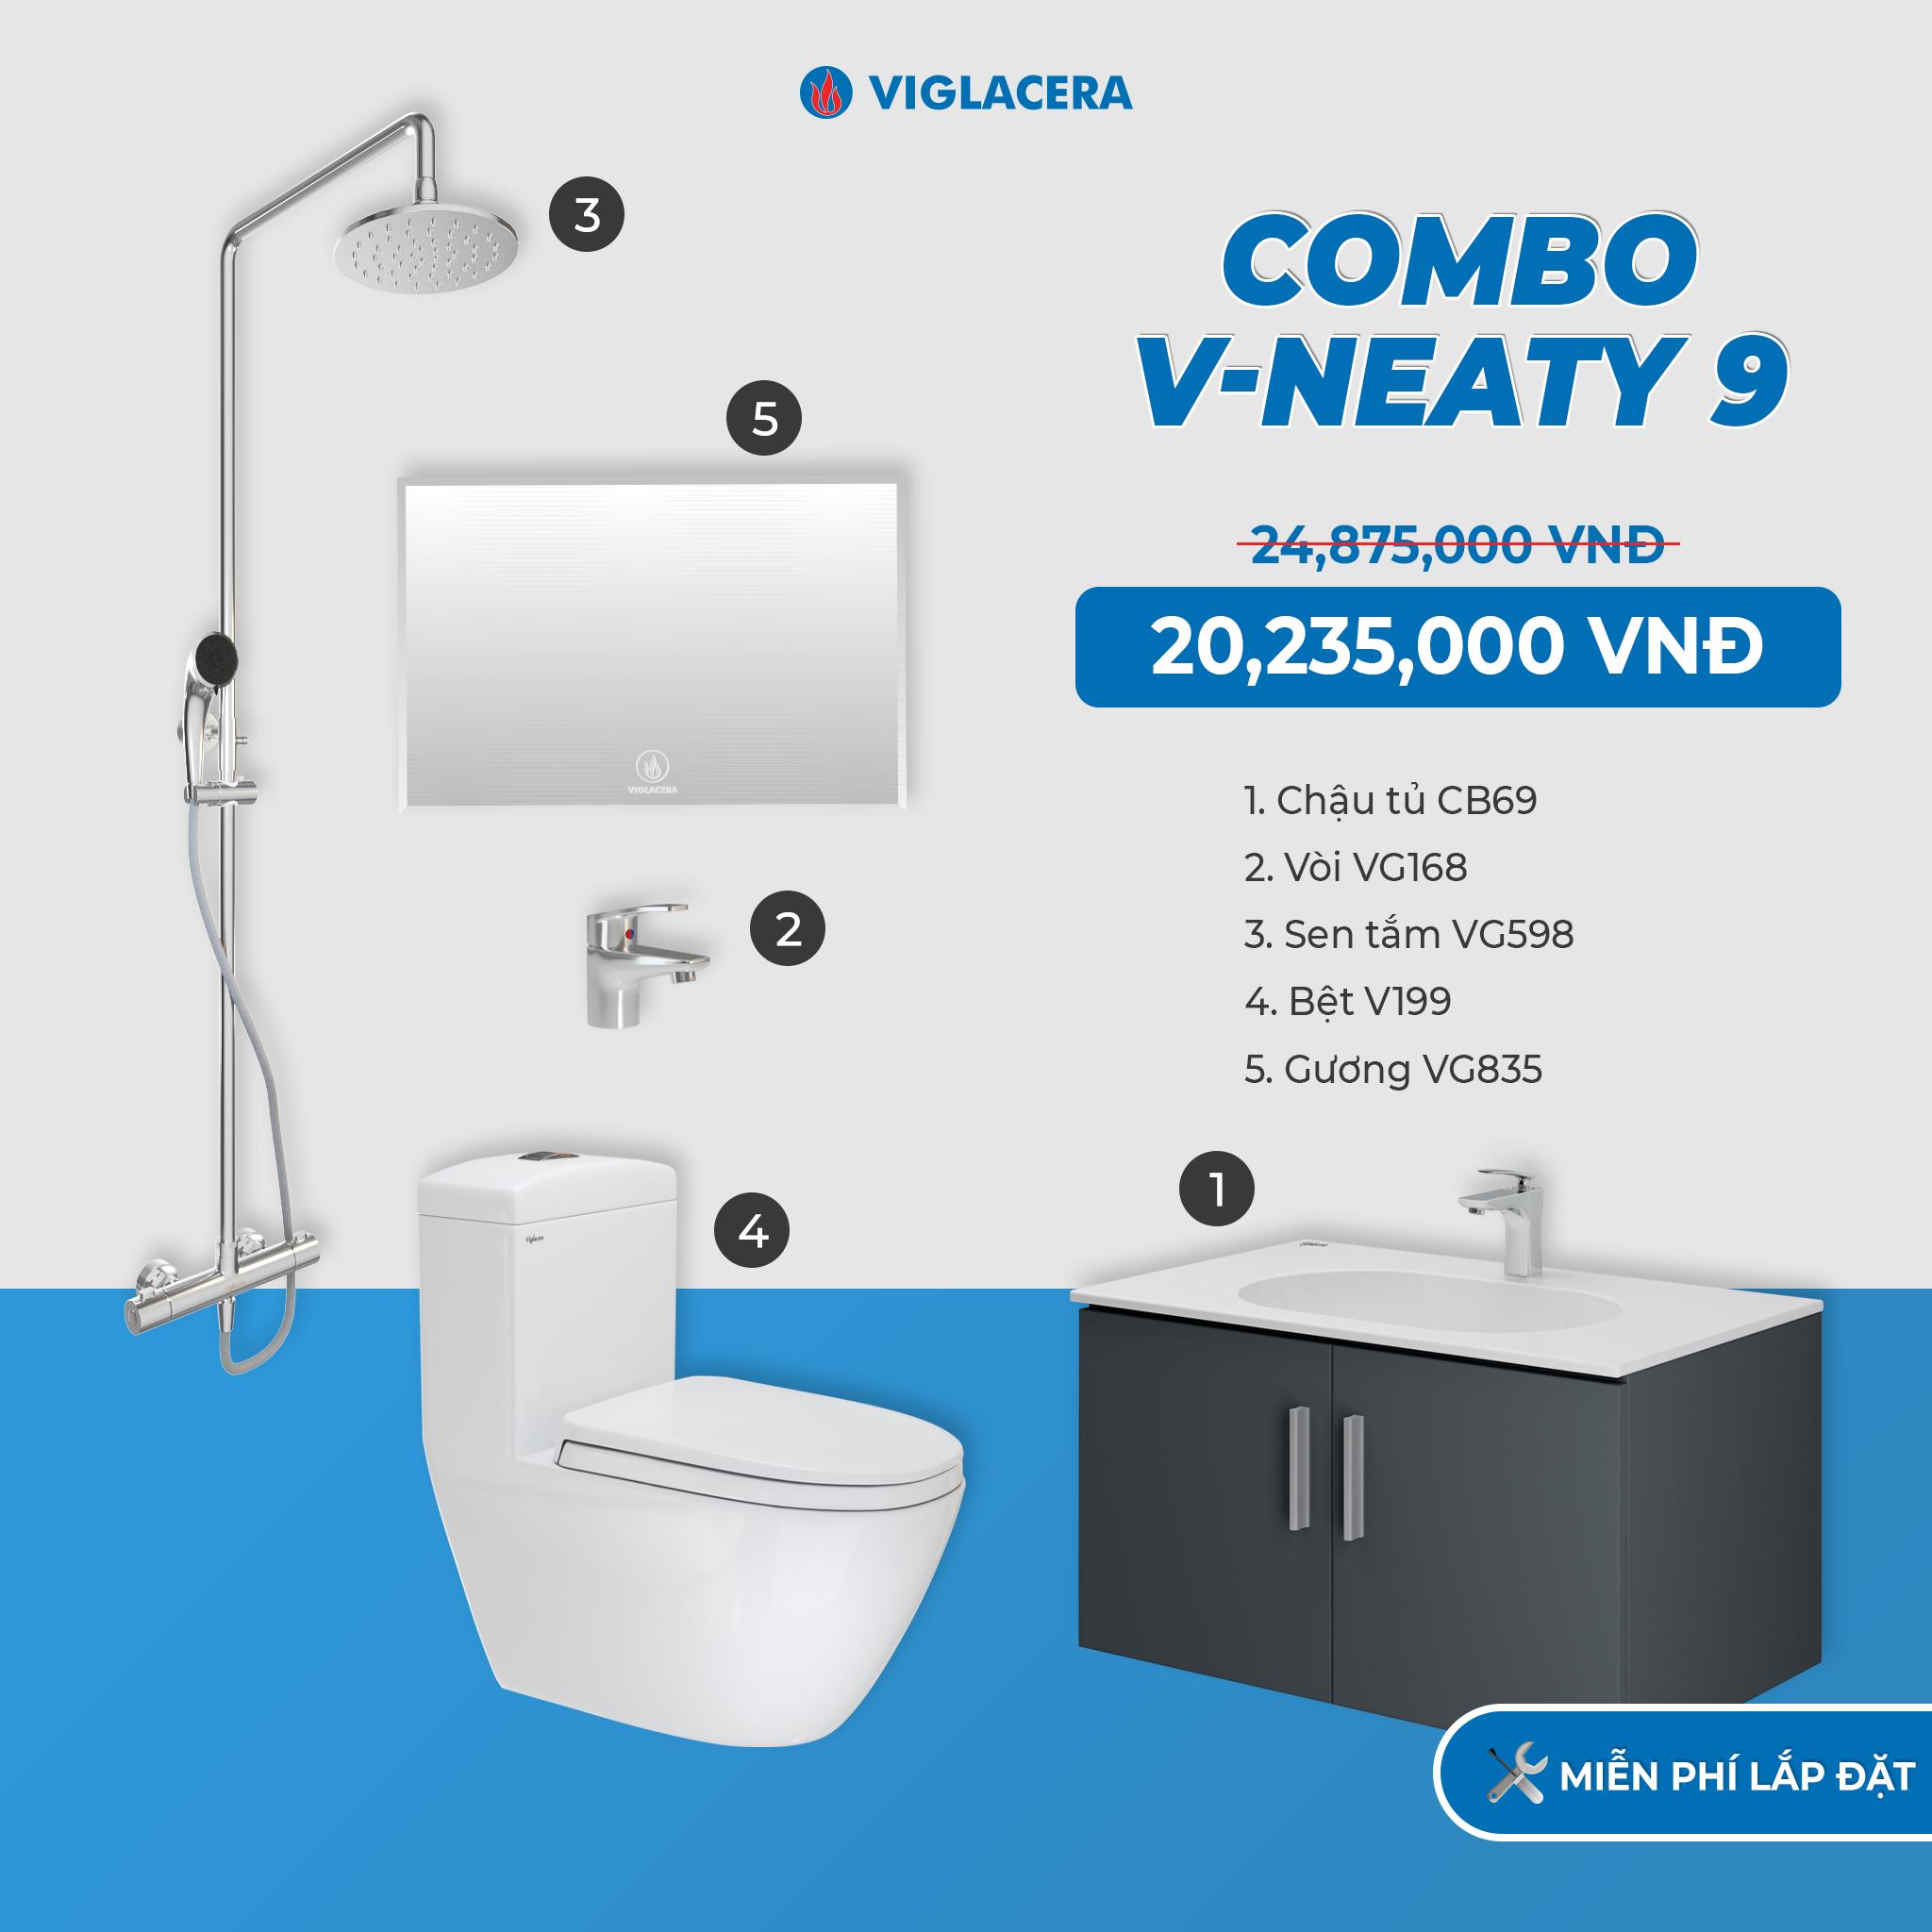 Combo V-NEATY 9